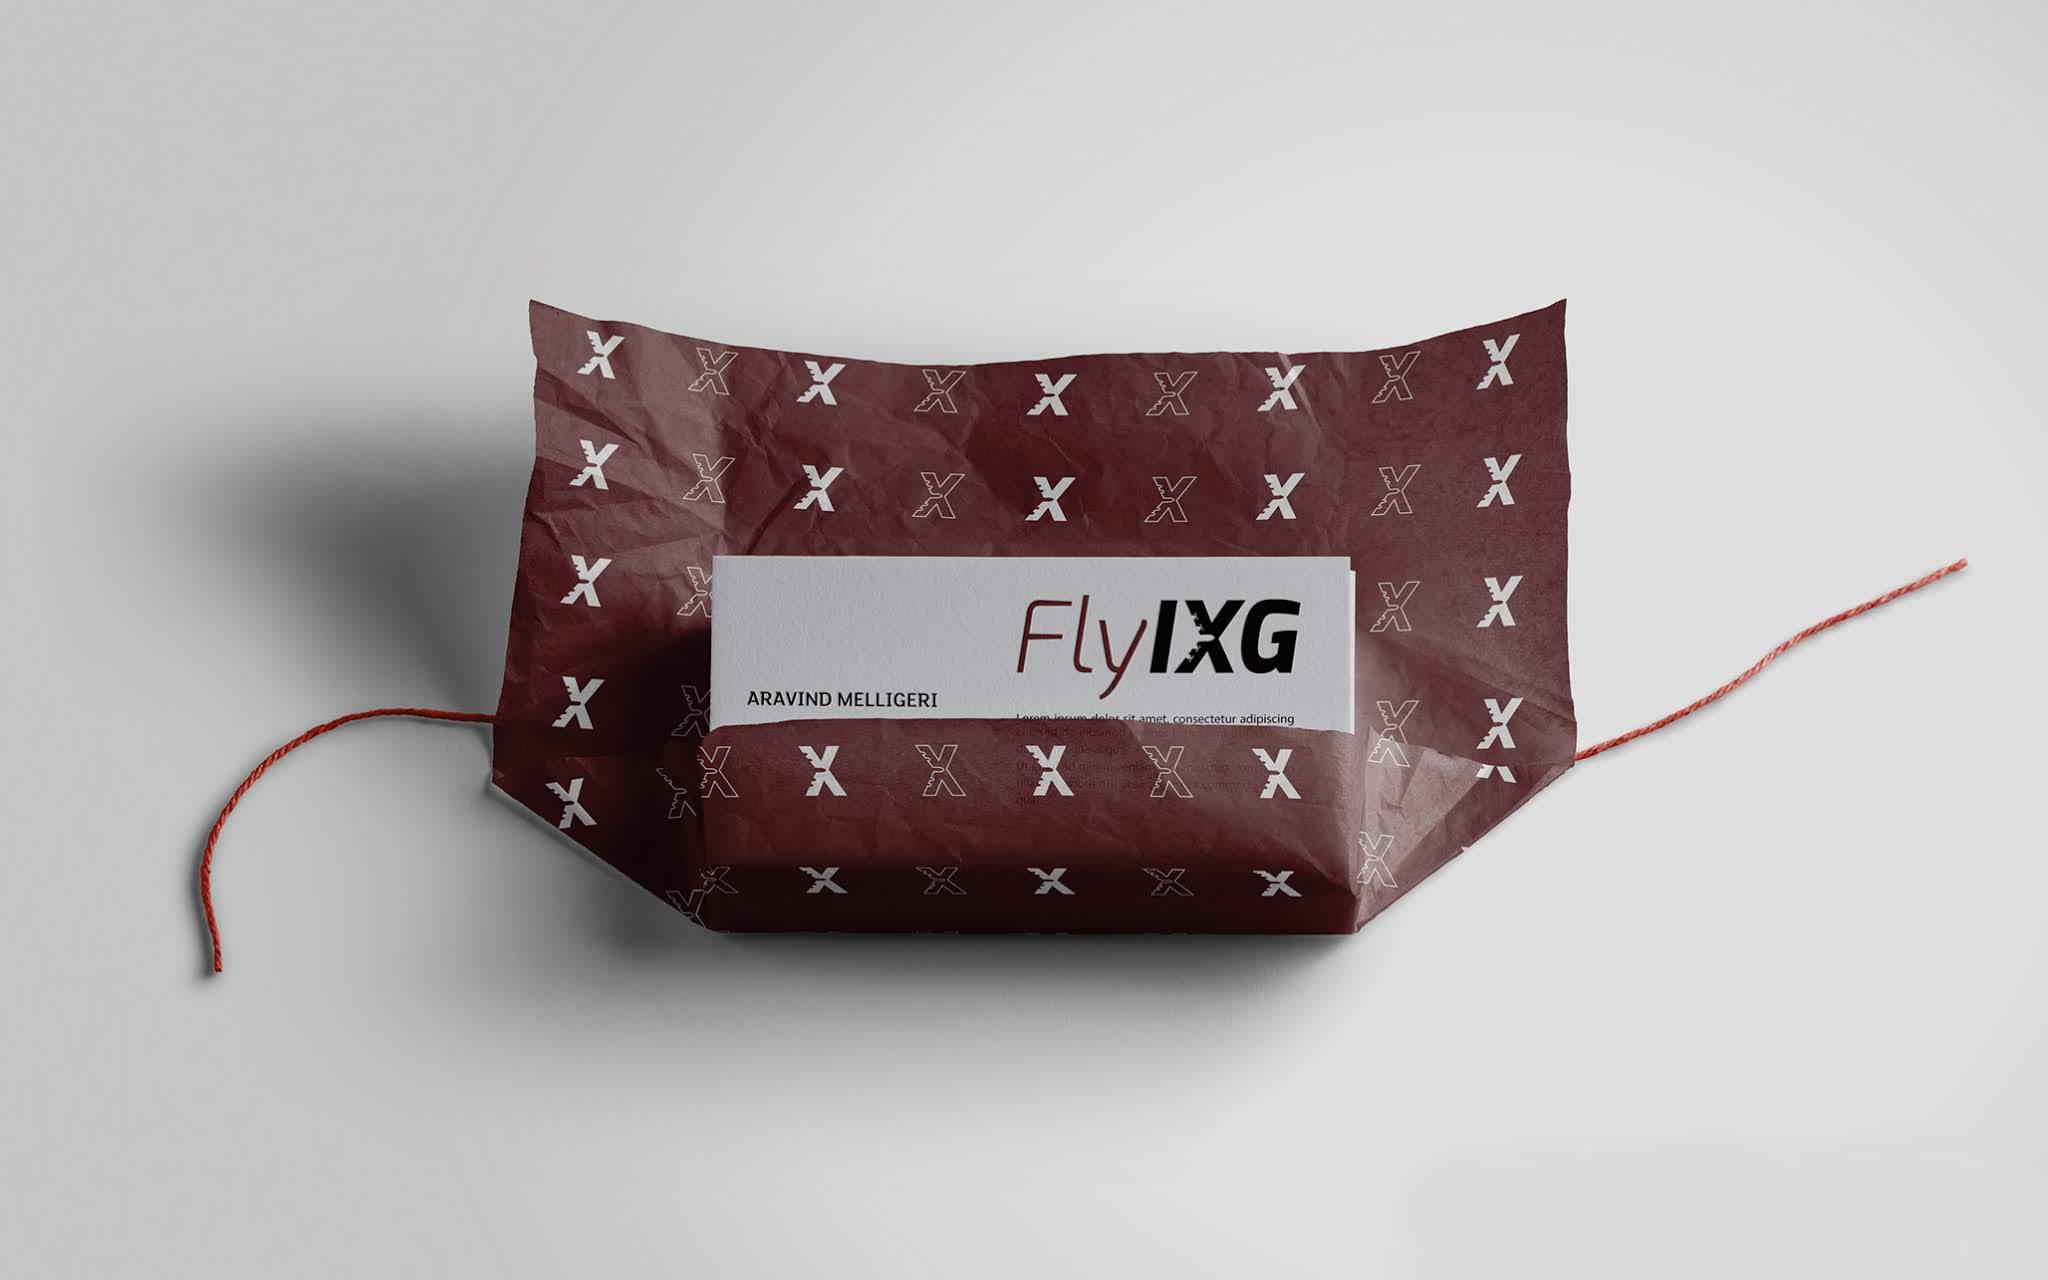 FlyIXG